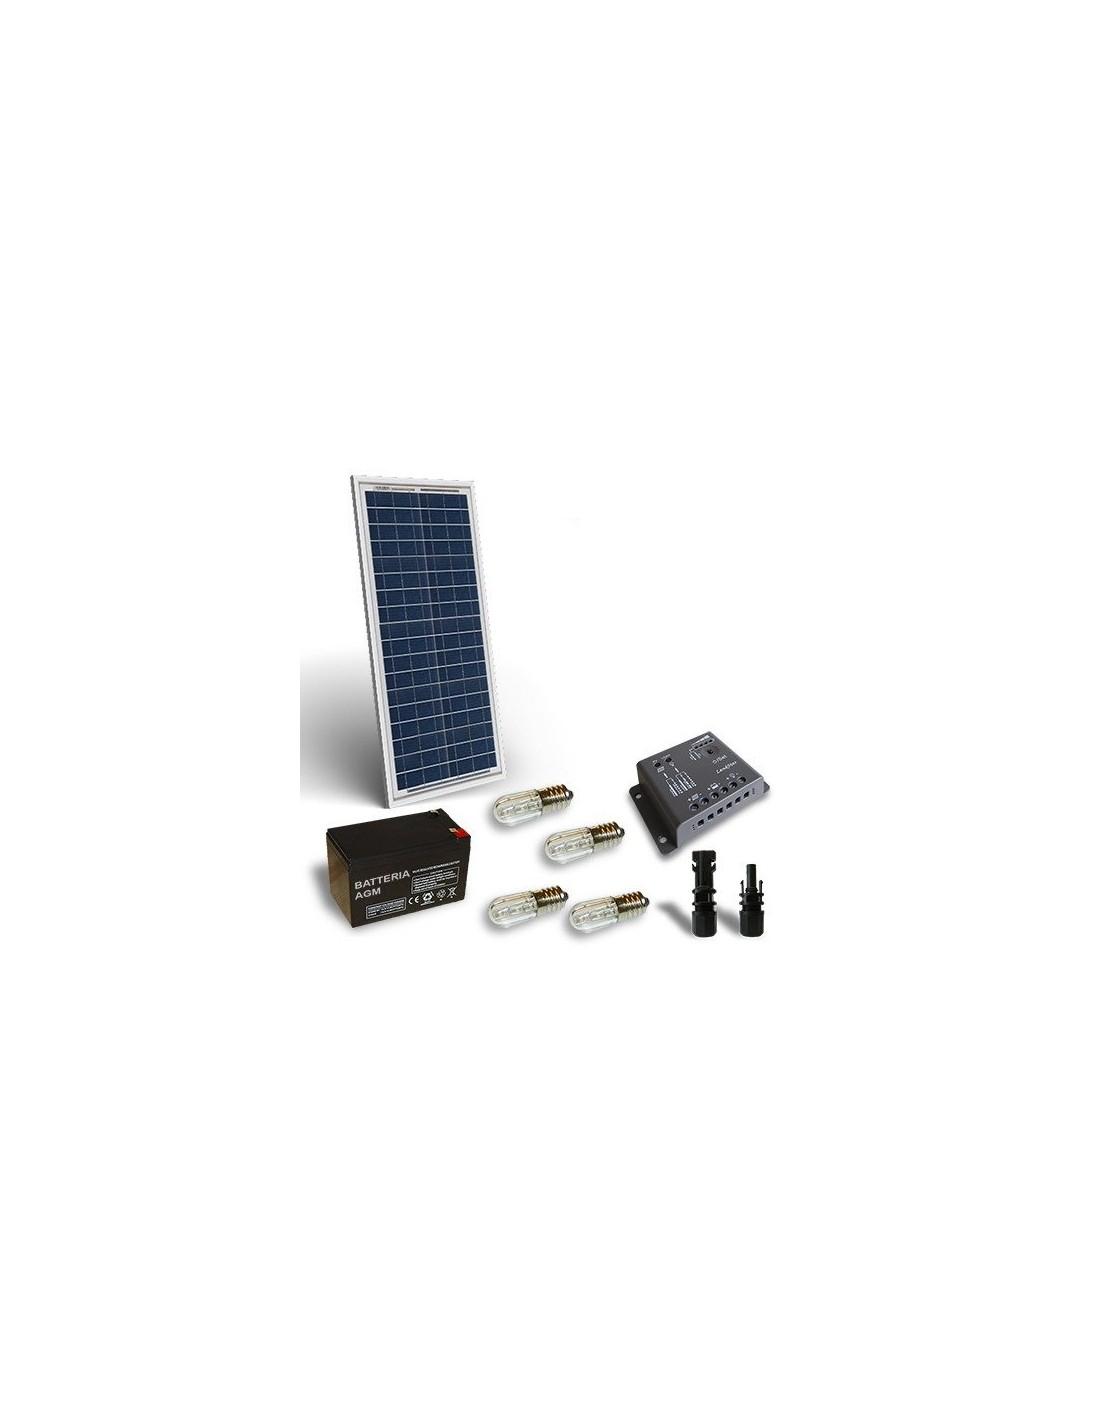 kit solaire votif 30w 12v panneau solaire batterie. Black Bedroom Furniture Sets. Home Design Ideas